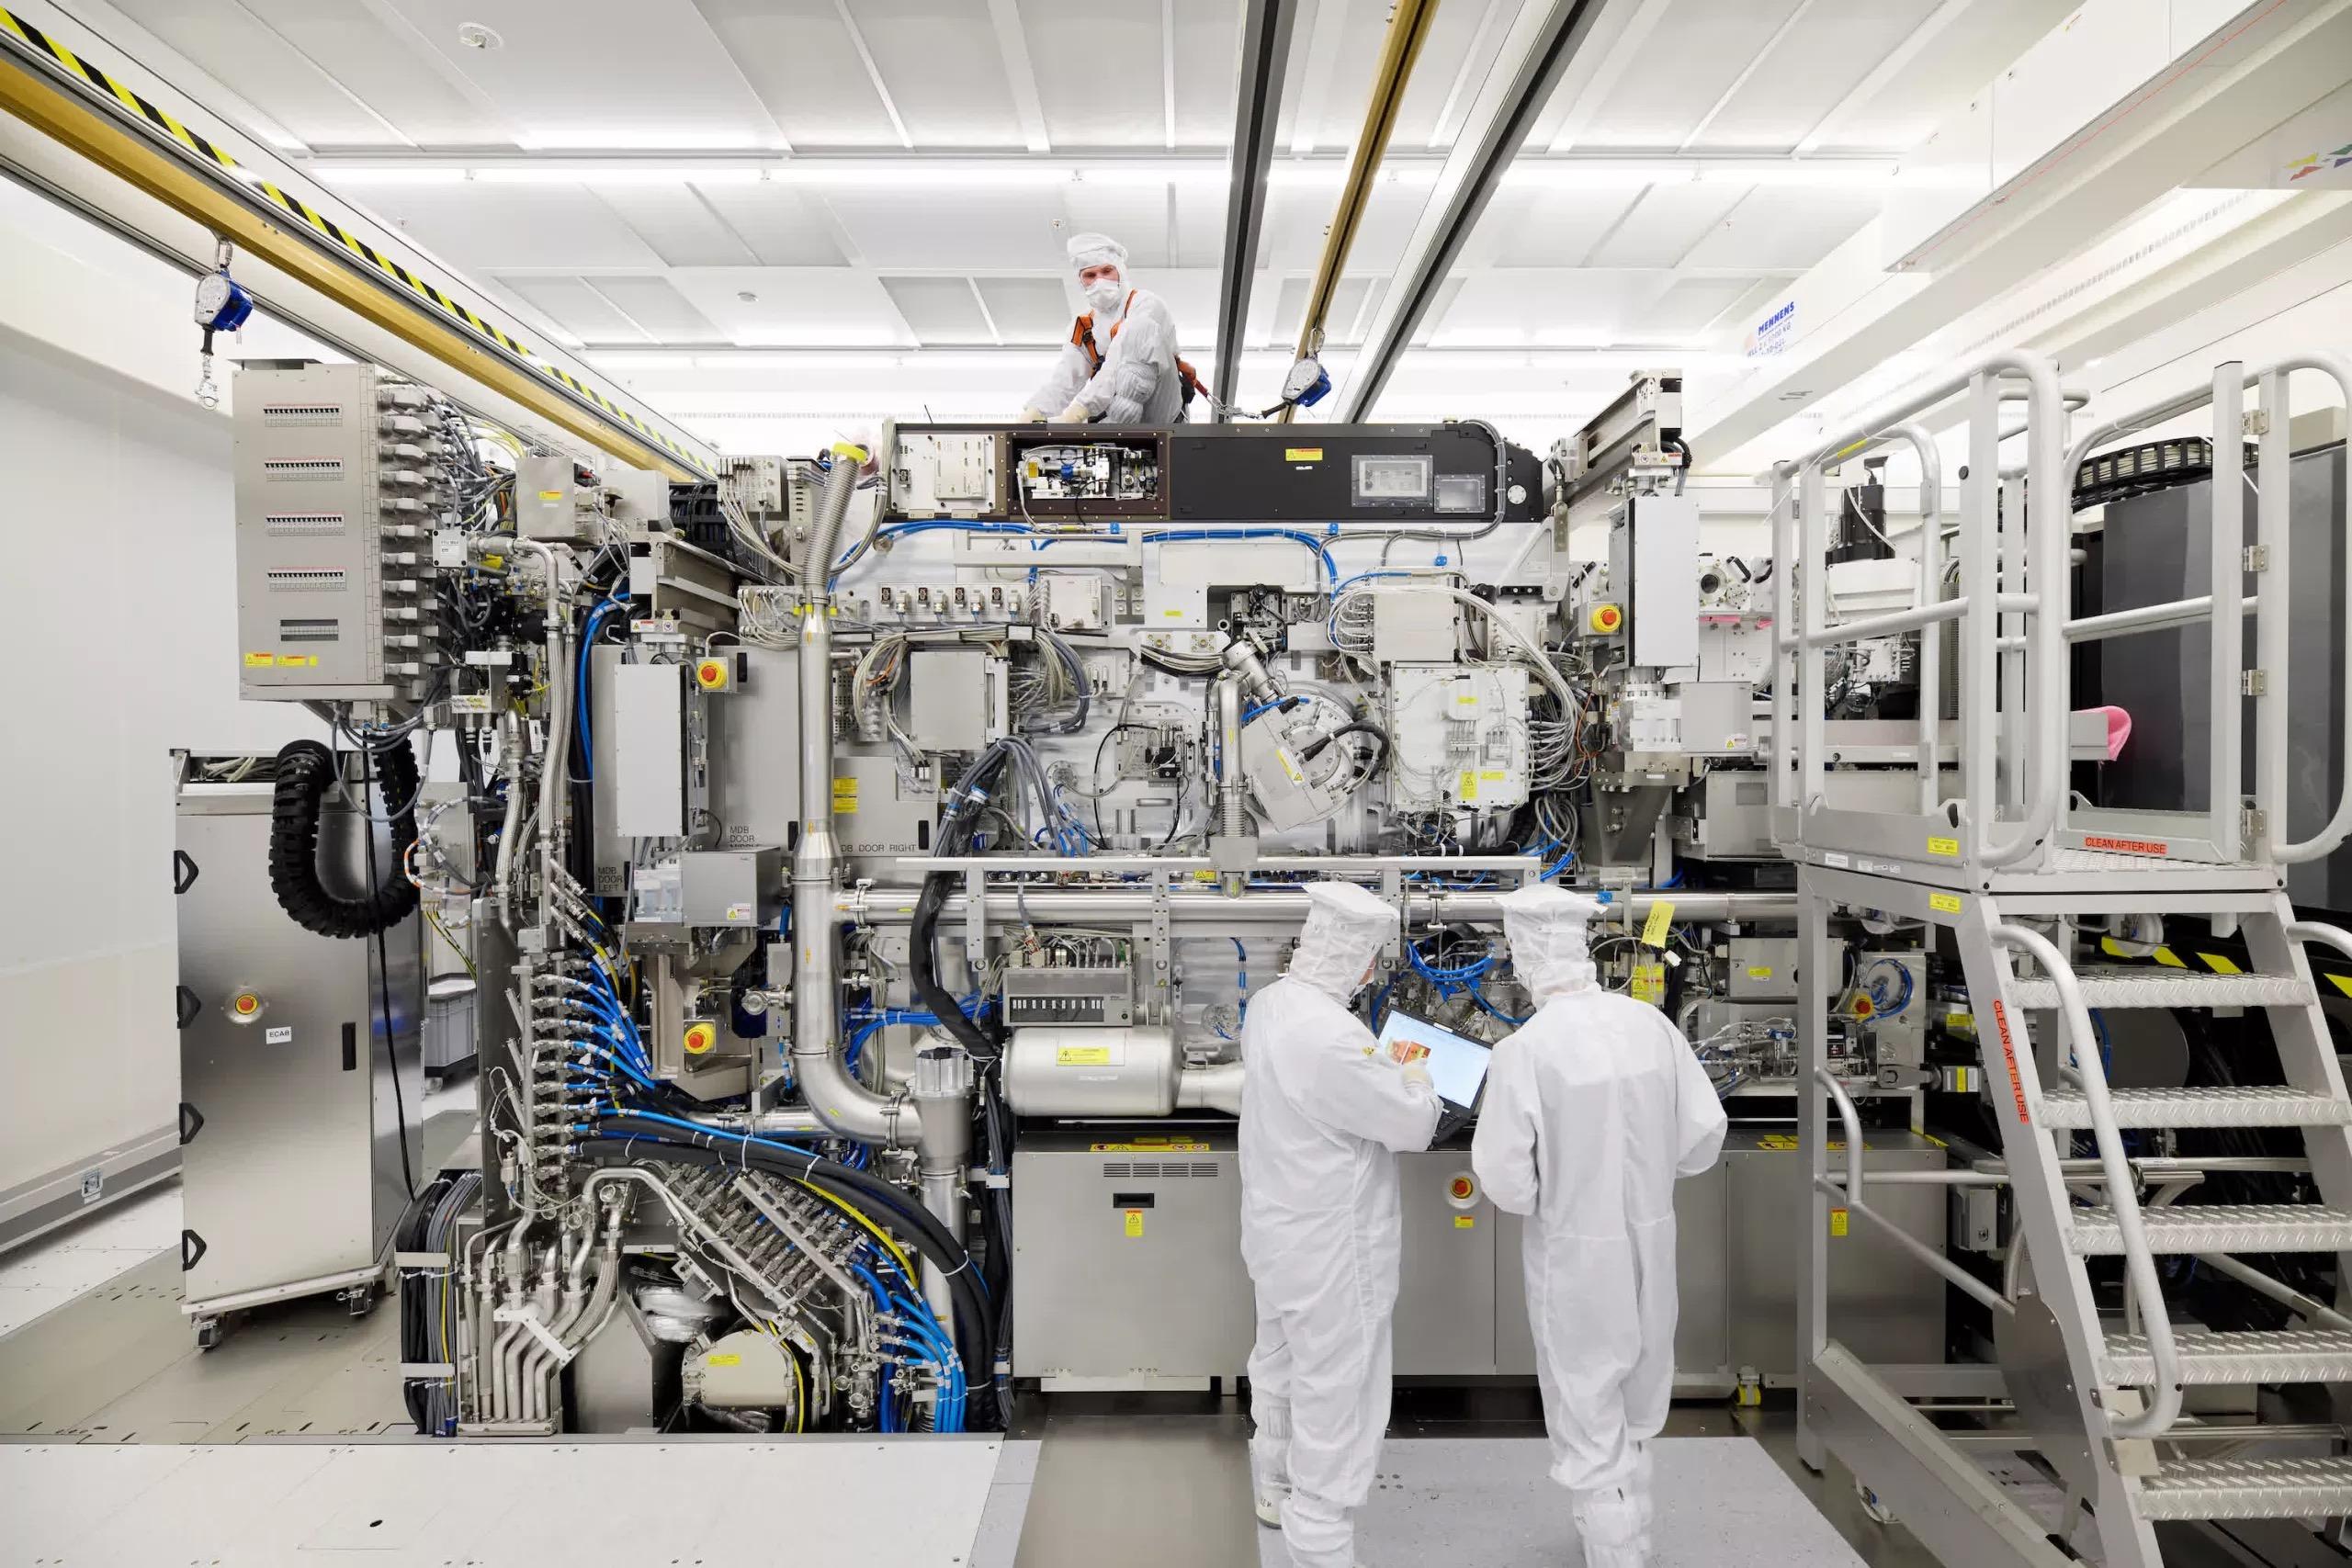 Trung Quốc sẽ sử dụng tạm chip cũ, chờ ngành công nghiệp bán dẫn đuổi kịp Mỹ - Ảnh 2.